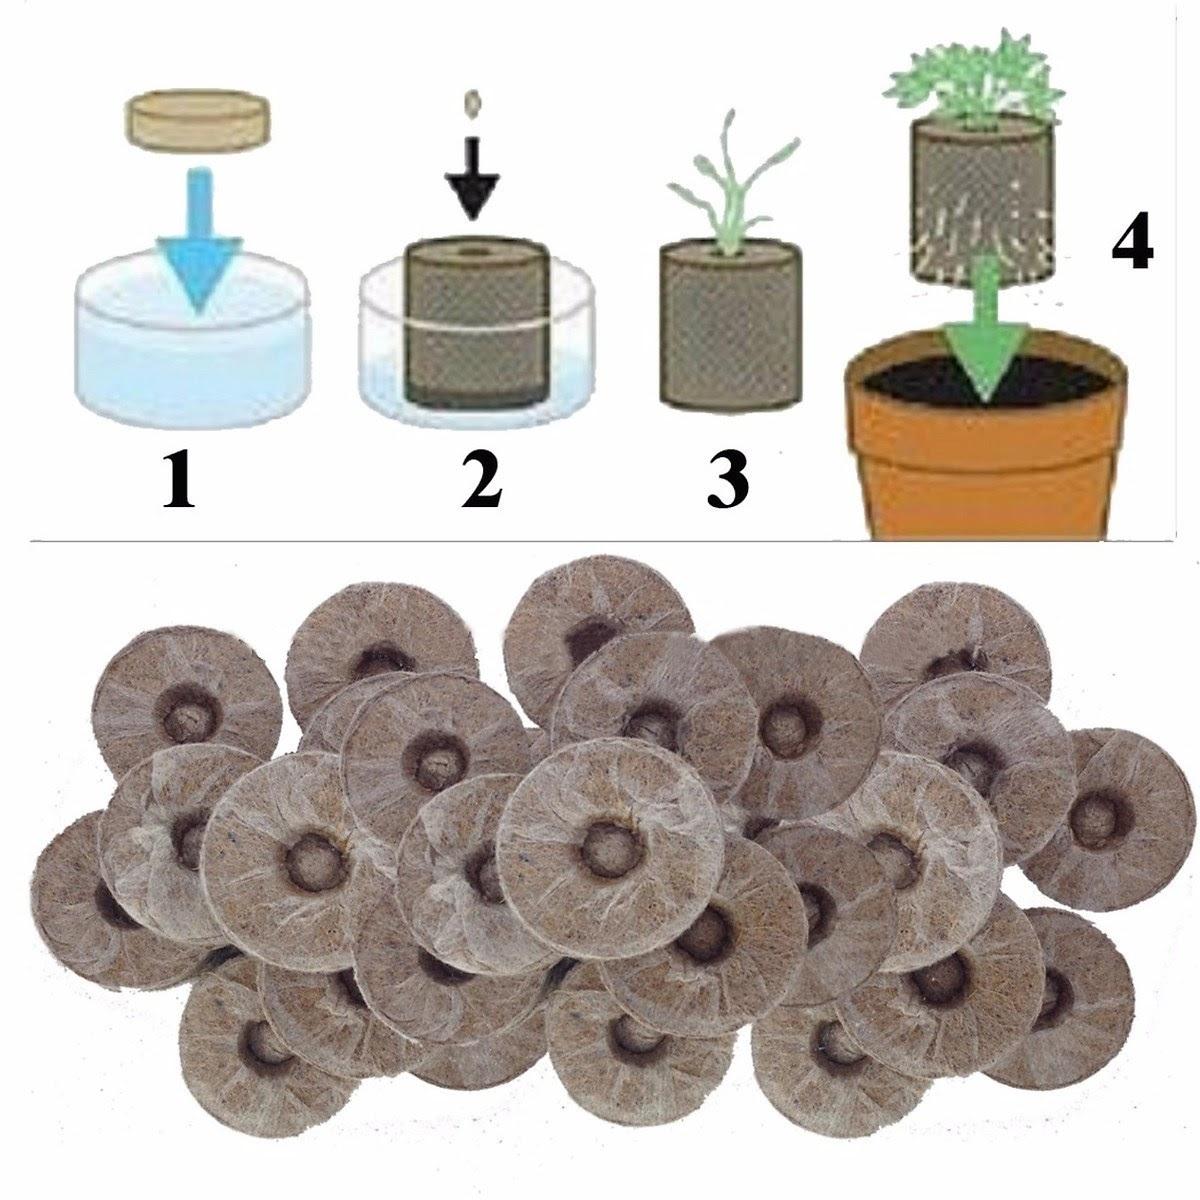 Quy trình sử dụng viên nén ươm cây từ xơ dừa